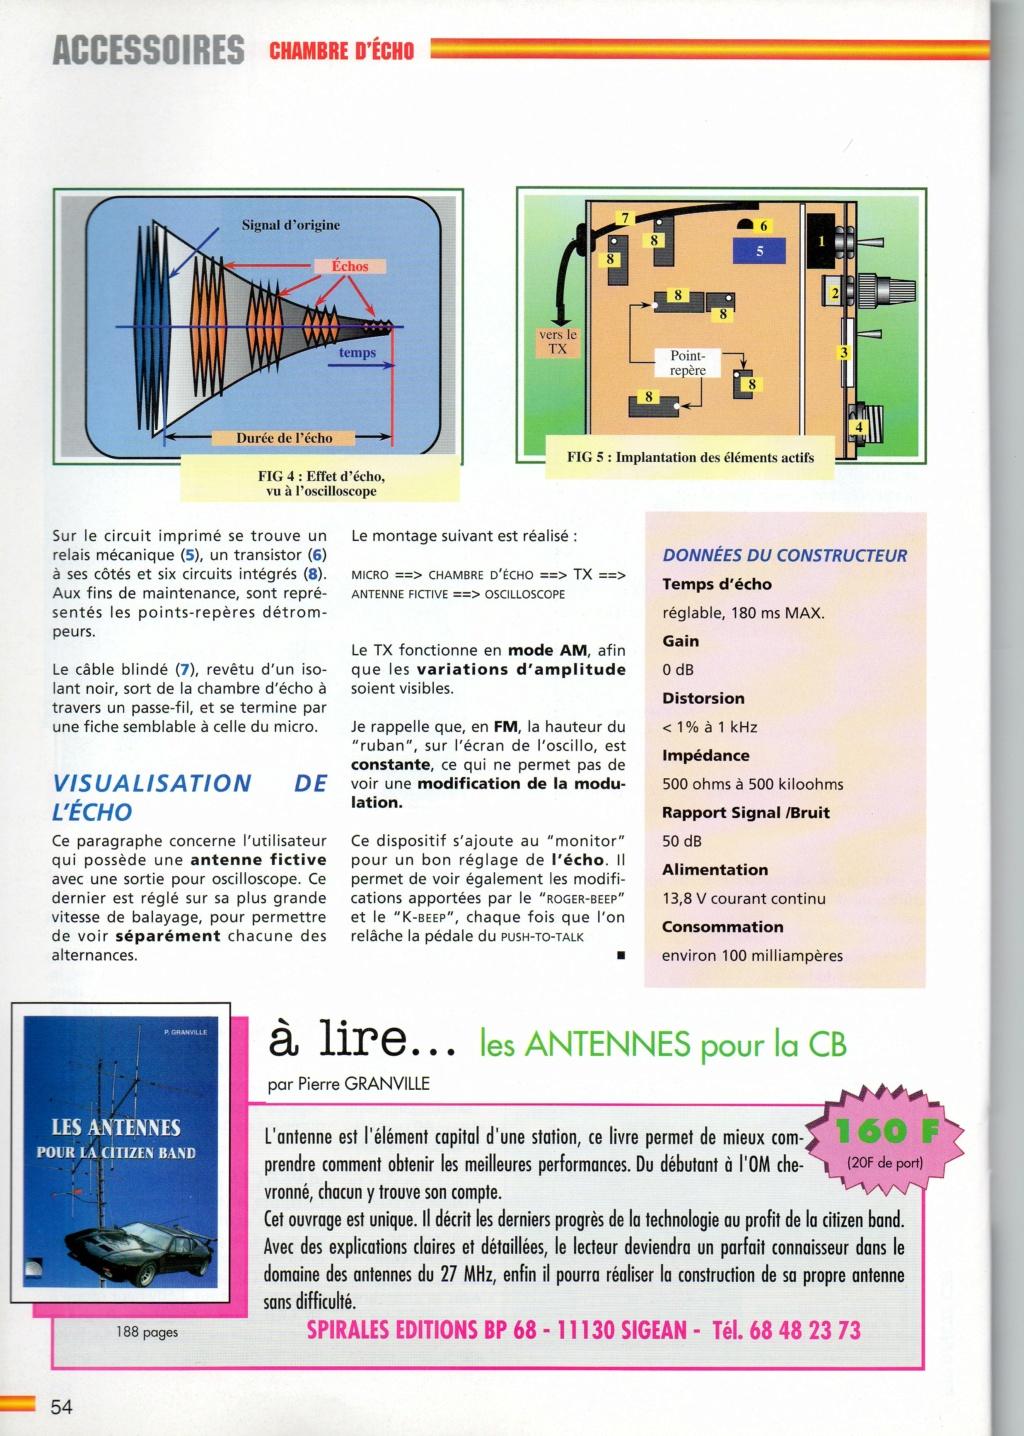 EuroCB EC-990P - EC-990 (Chambre d'écho) Chora604